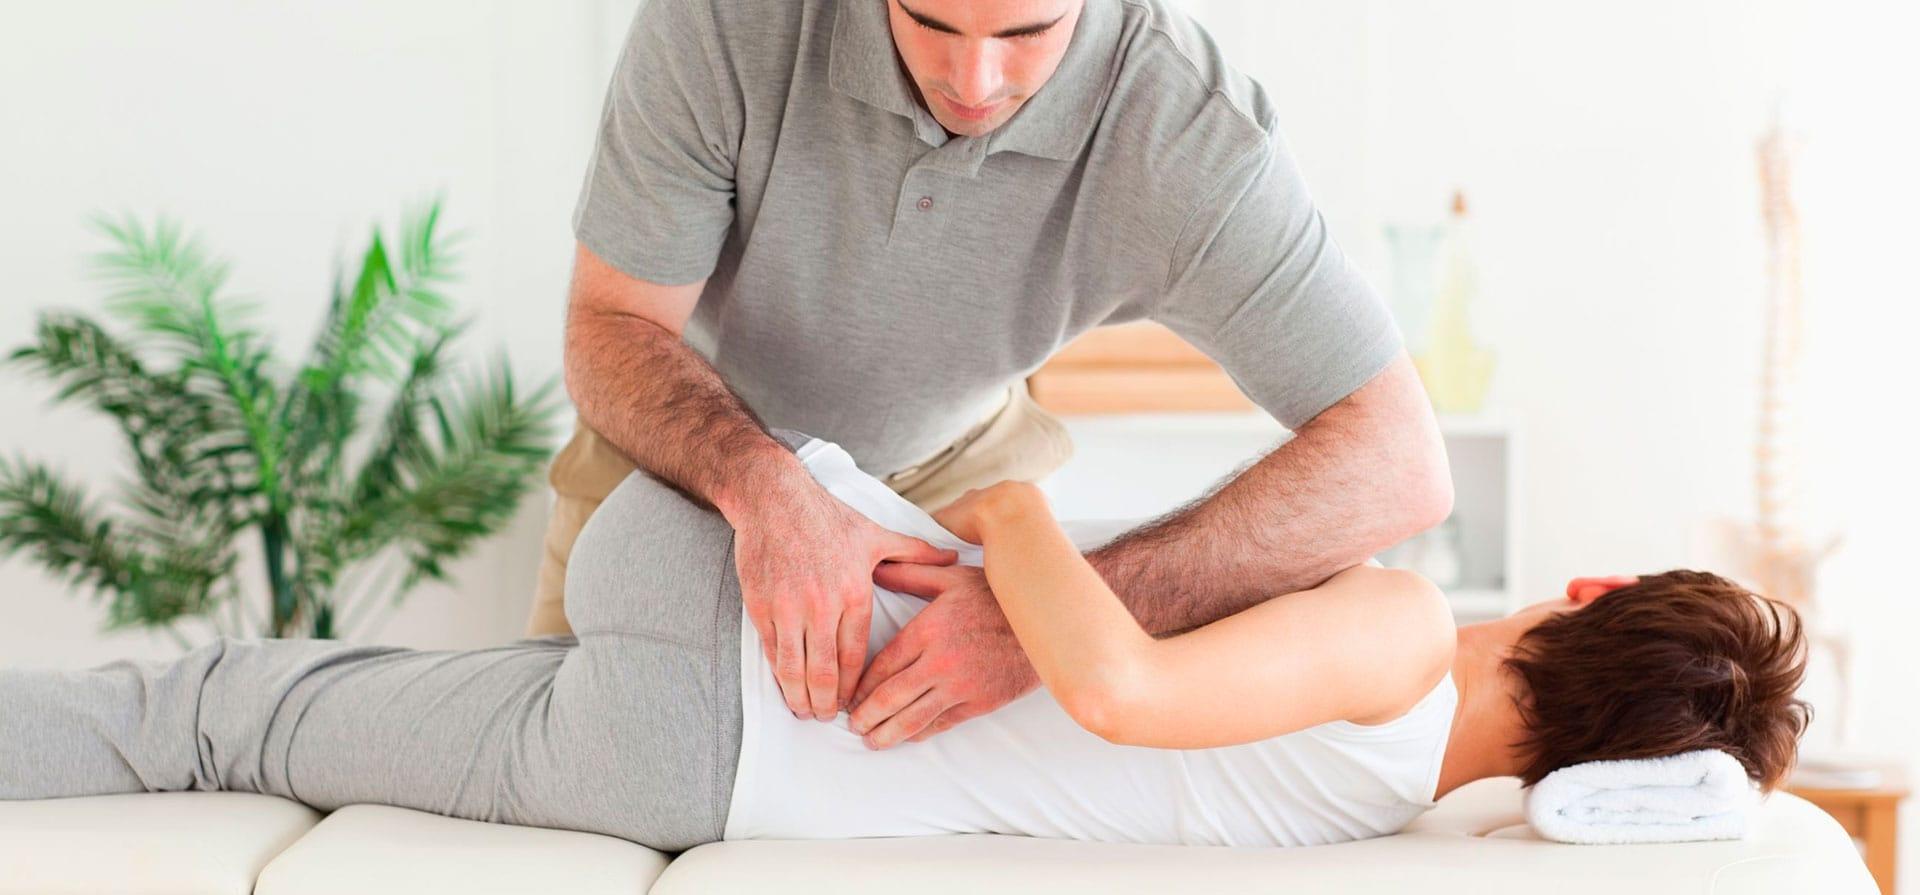 Лечени суставов вкитае болят тазобедренные суставы какие упражнения надо делать